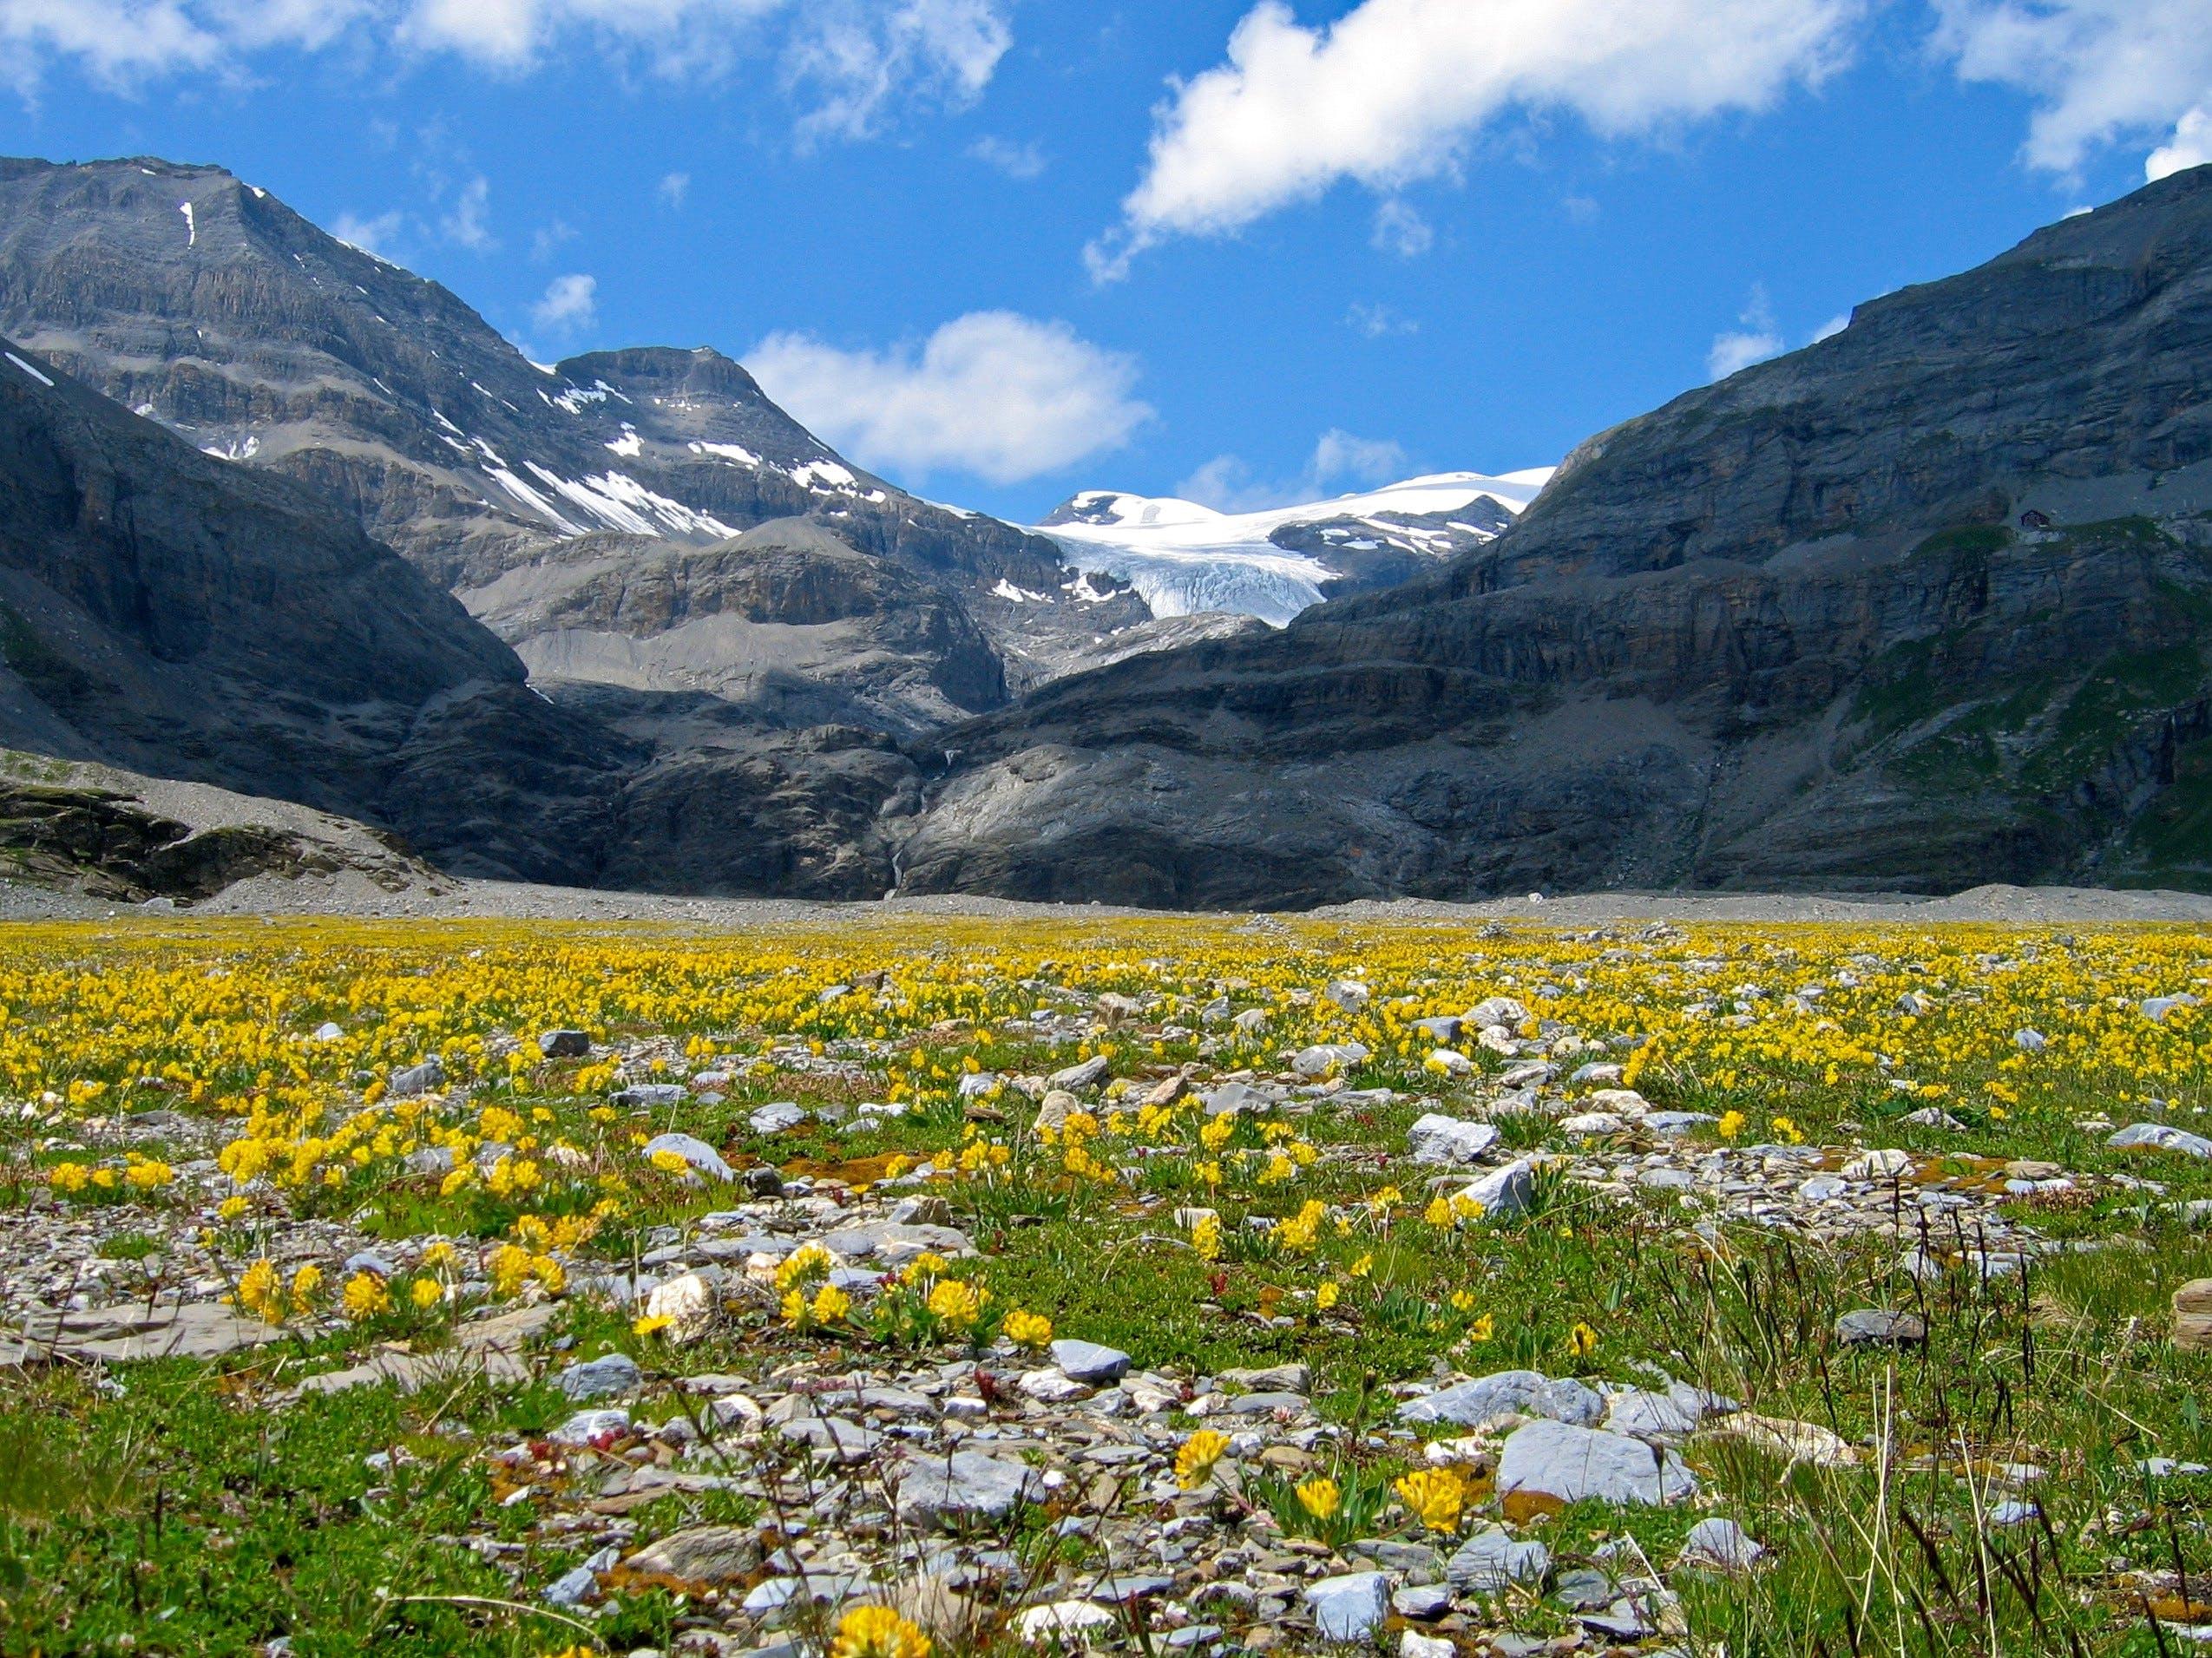 Бесплатное стоковое фото с Альпийский, гора, дневной свет, долина